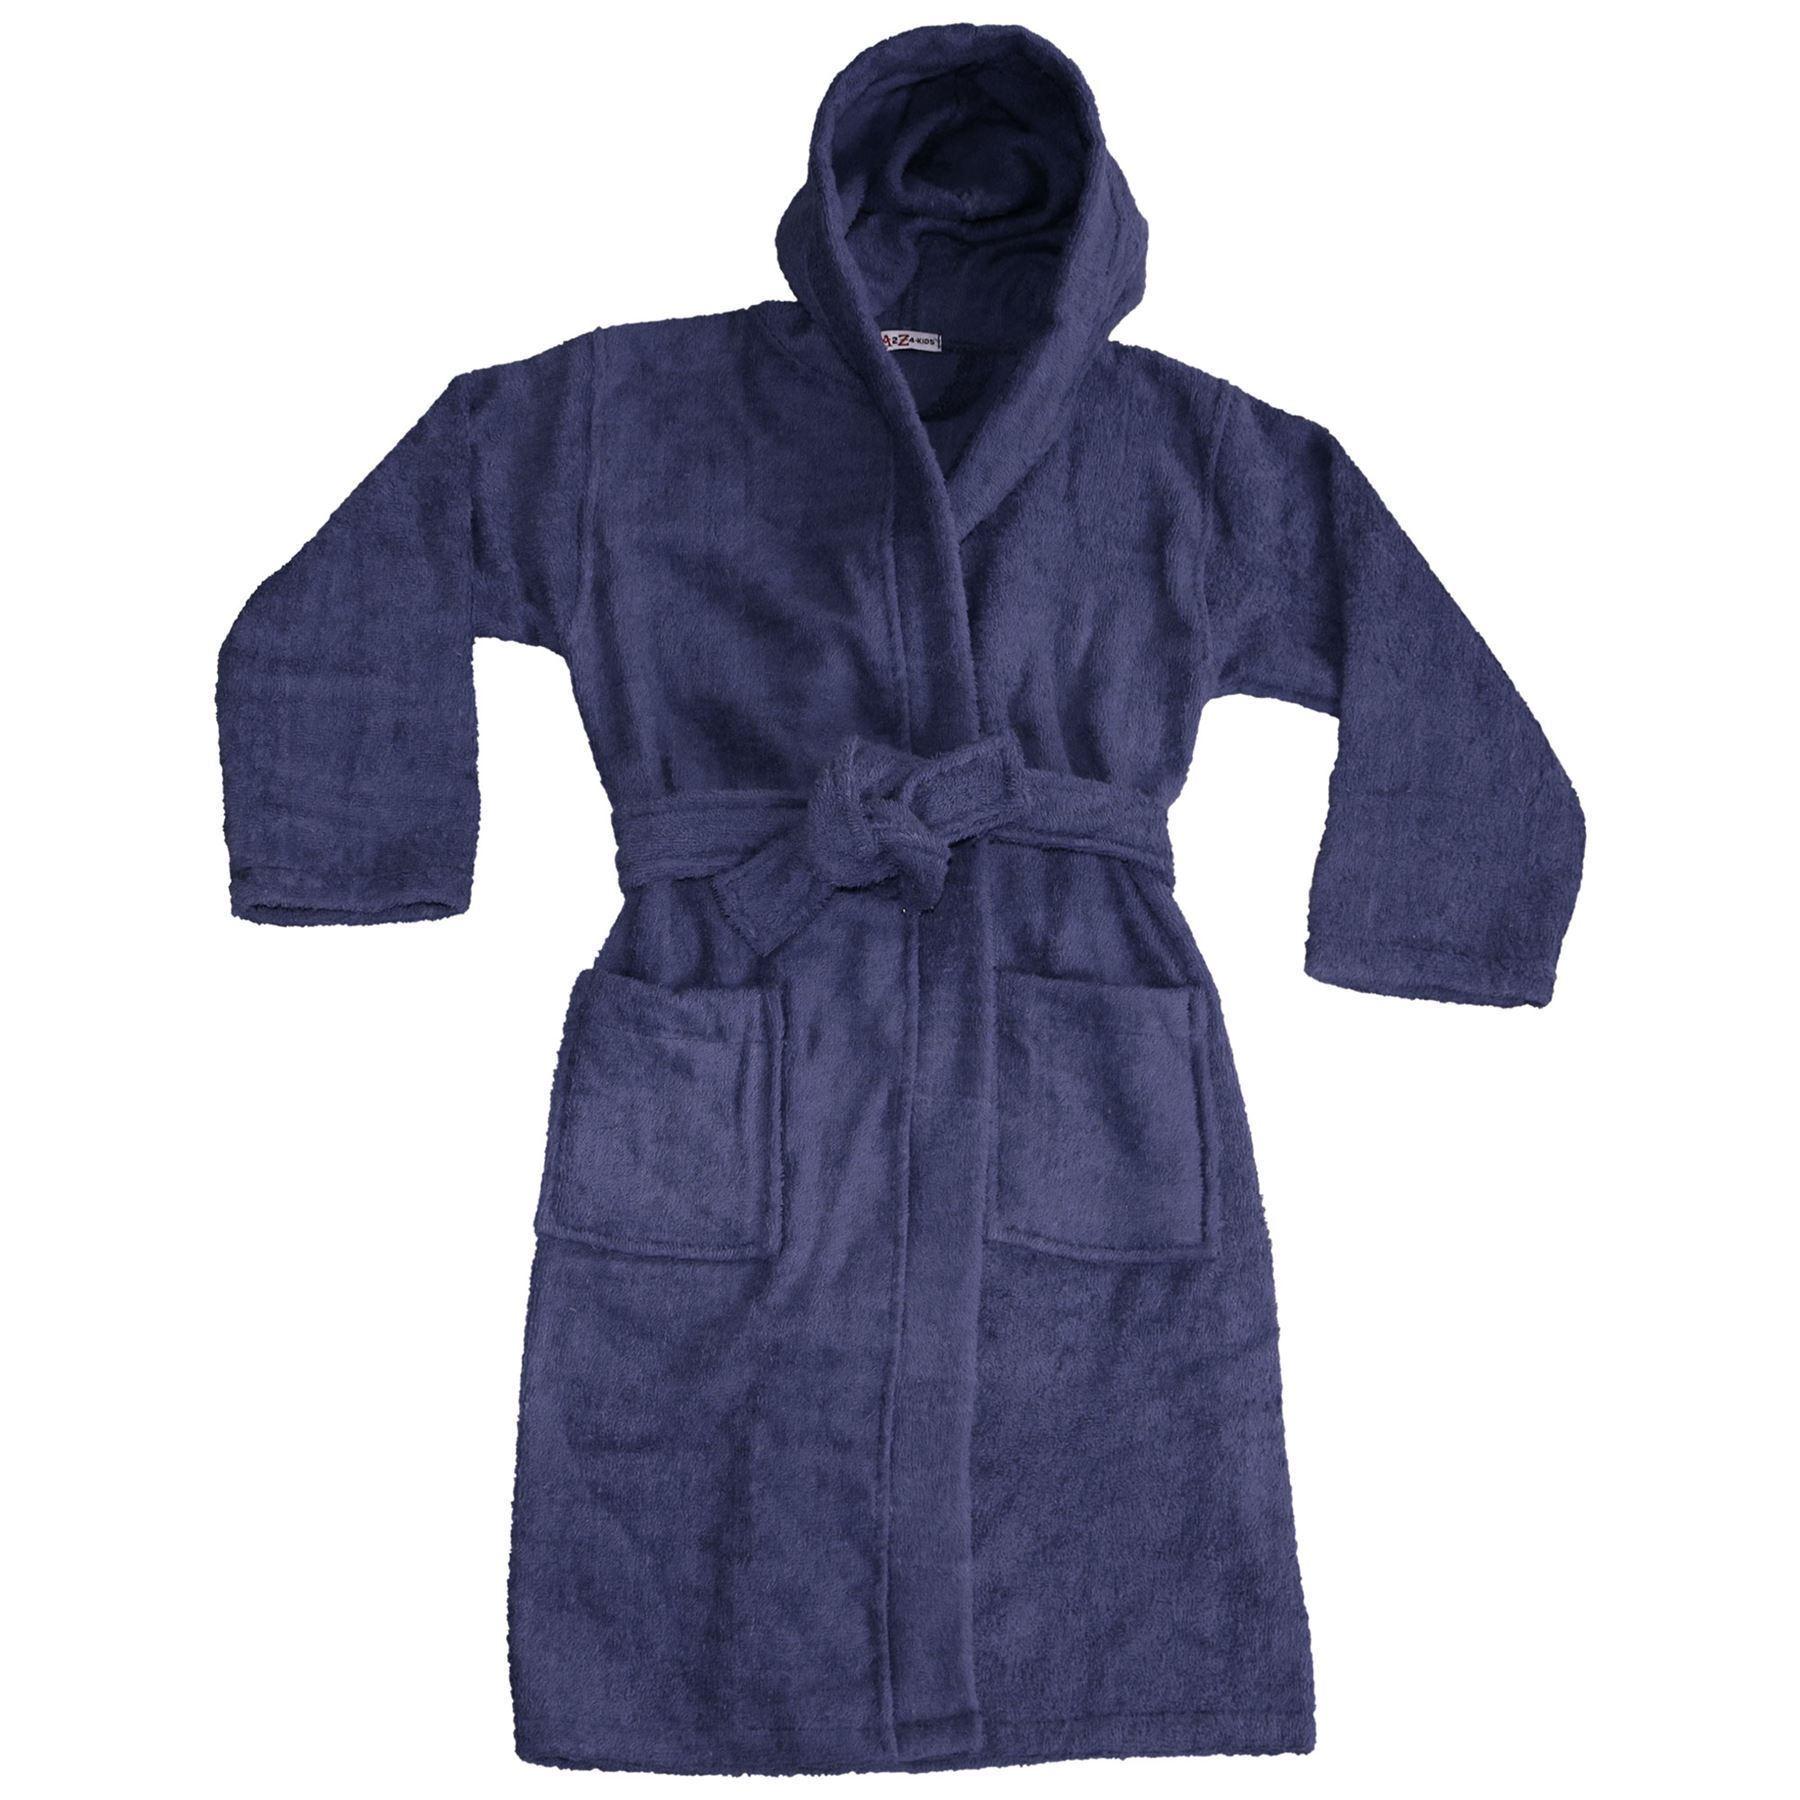 Bambini Ragazzi Ragazze 100/% Cotone Soft Blu Scuro Con Cappuccio Accappatoio Vestaglia di lusso 2-13Y